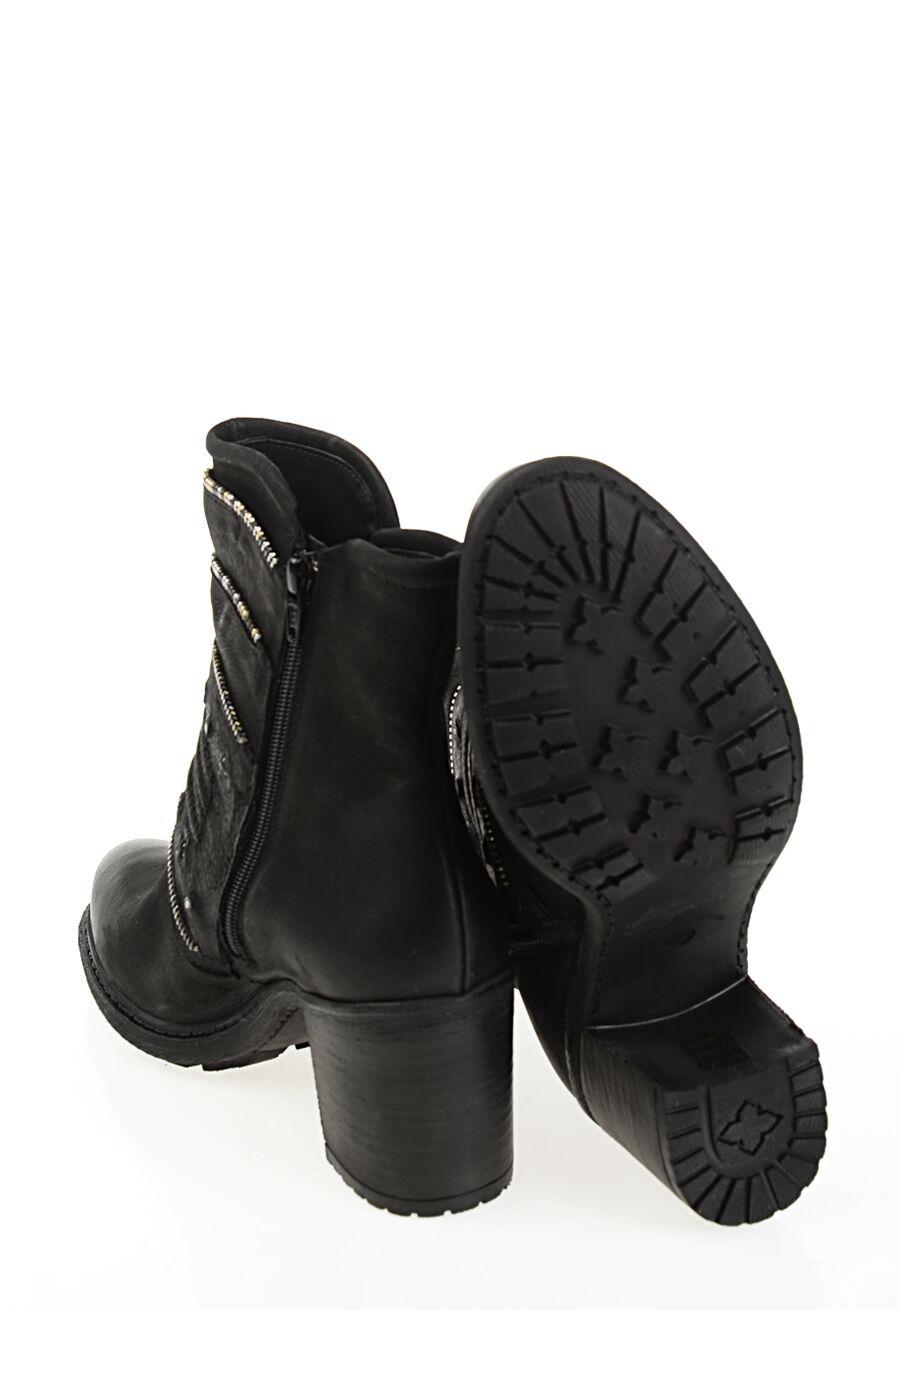 Topuklu Siyah Deri Bot